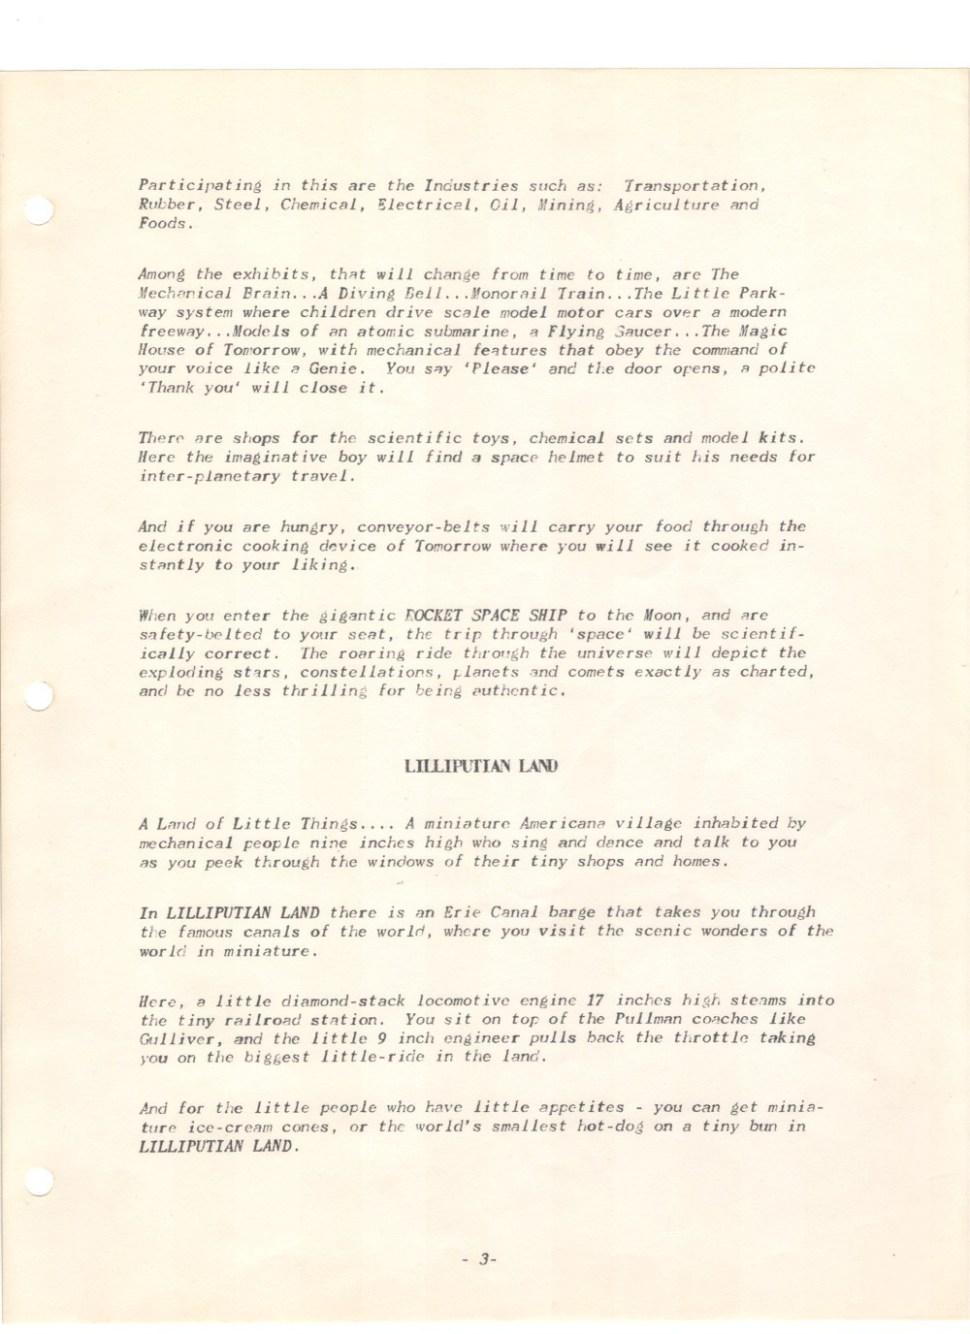 disneyland prospectus-07